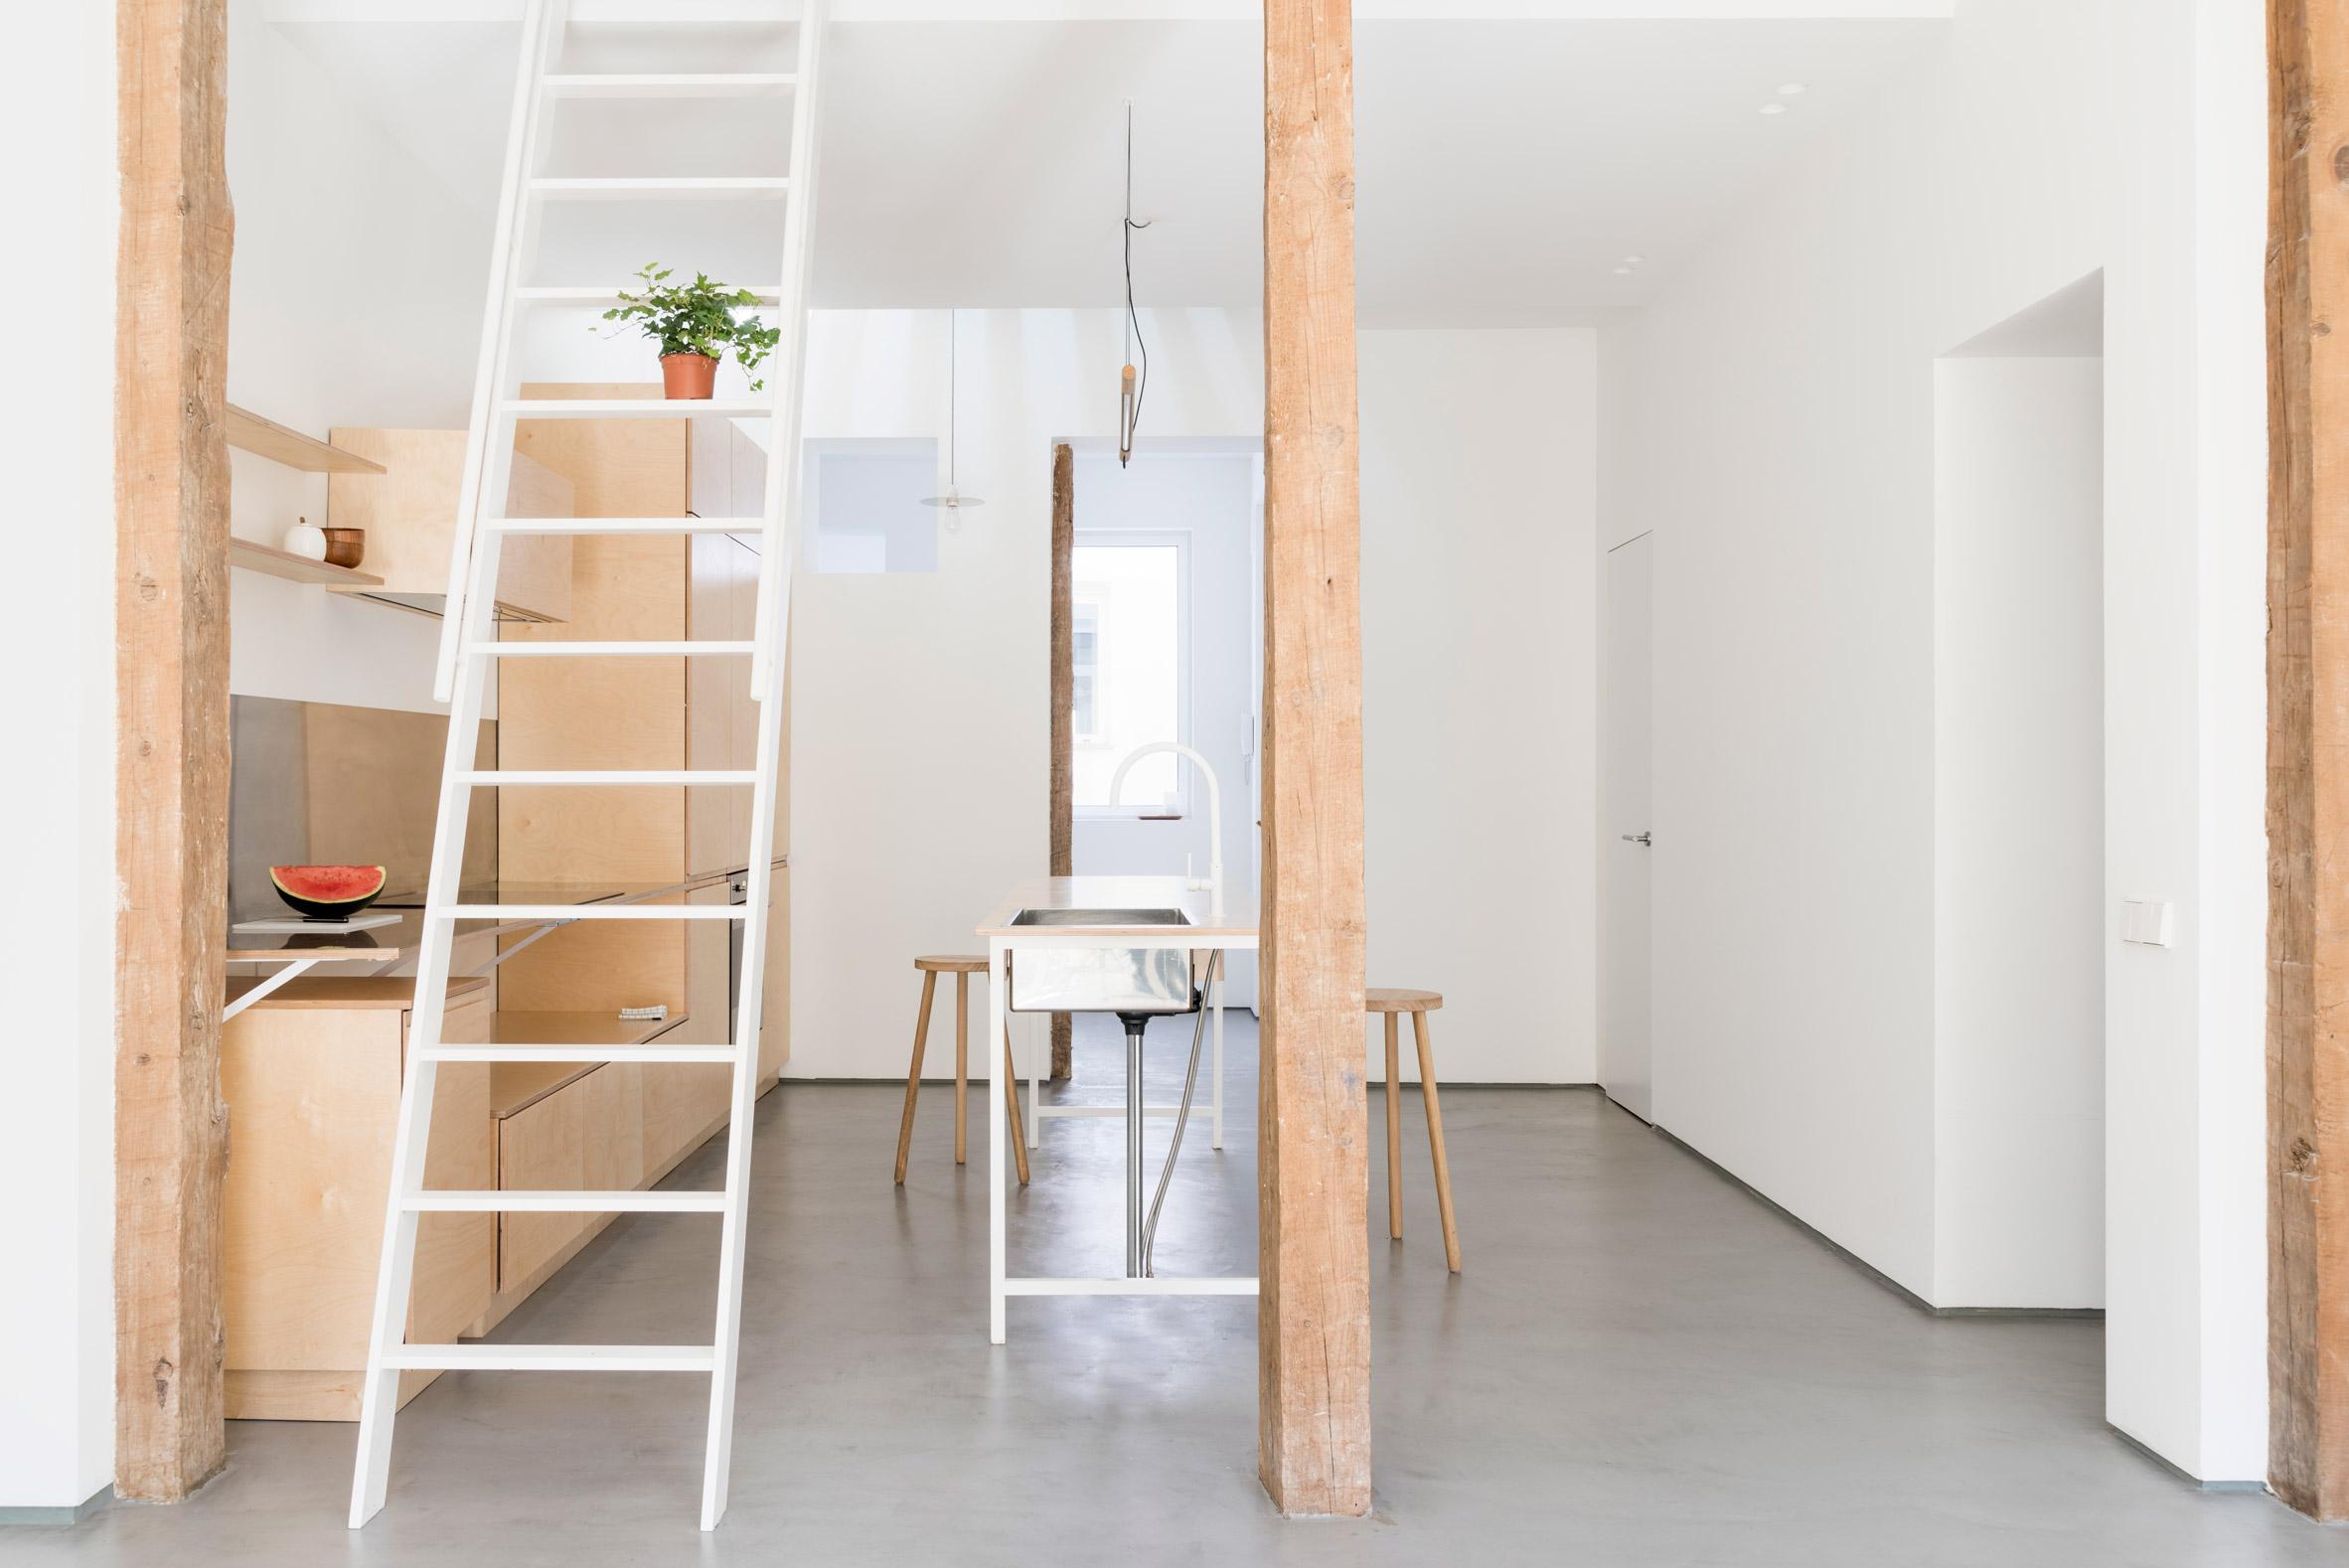 Thiết kế phòng khách chung cư đơn giản 3